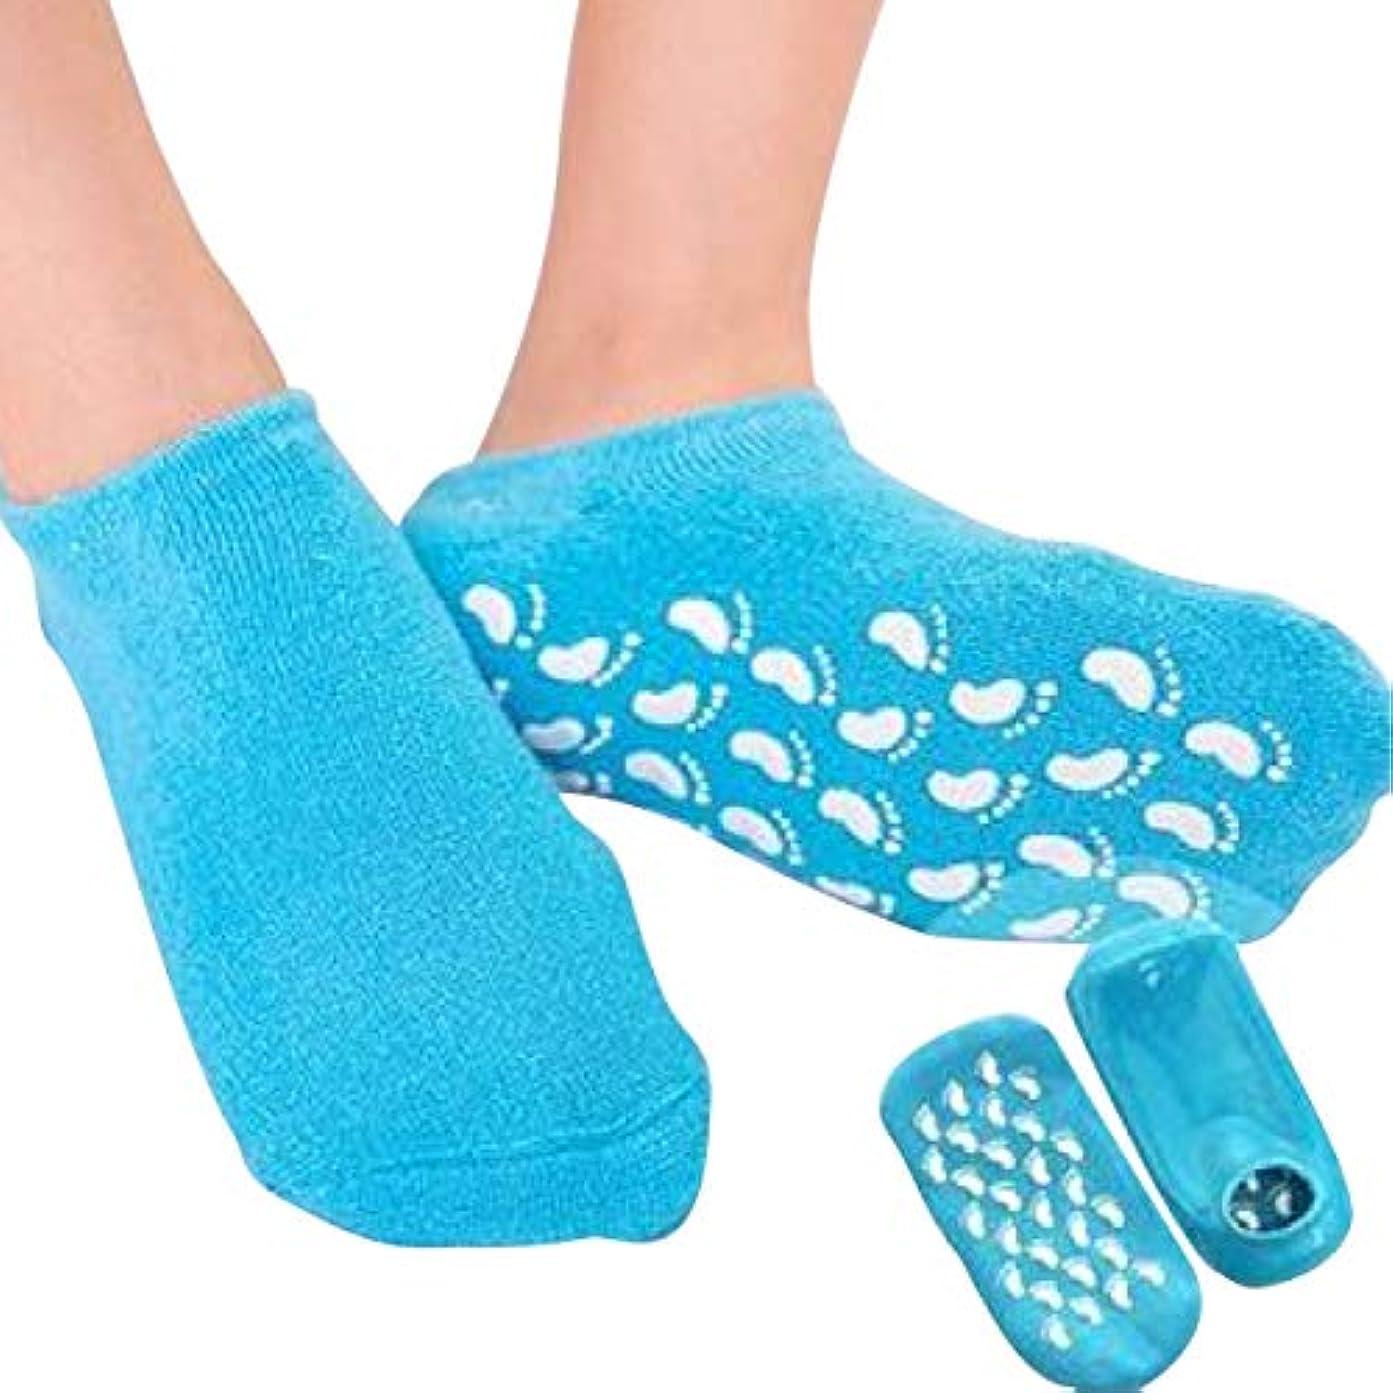 田舎暴君ナイロンS&E かかと 靴下 保湿 ソックス 美容成分 潤い ゲル付き 滑り止め 足裏 足の甲 ホホバオイル グレープシード ビタミンE ラベンダー ローズ (ブルー)